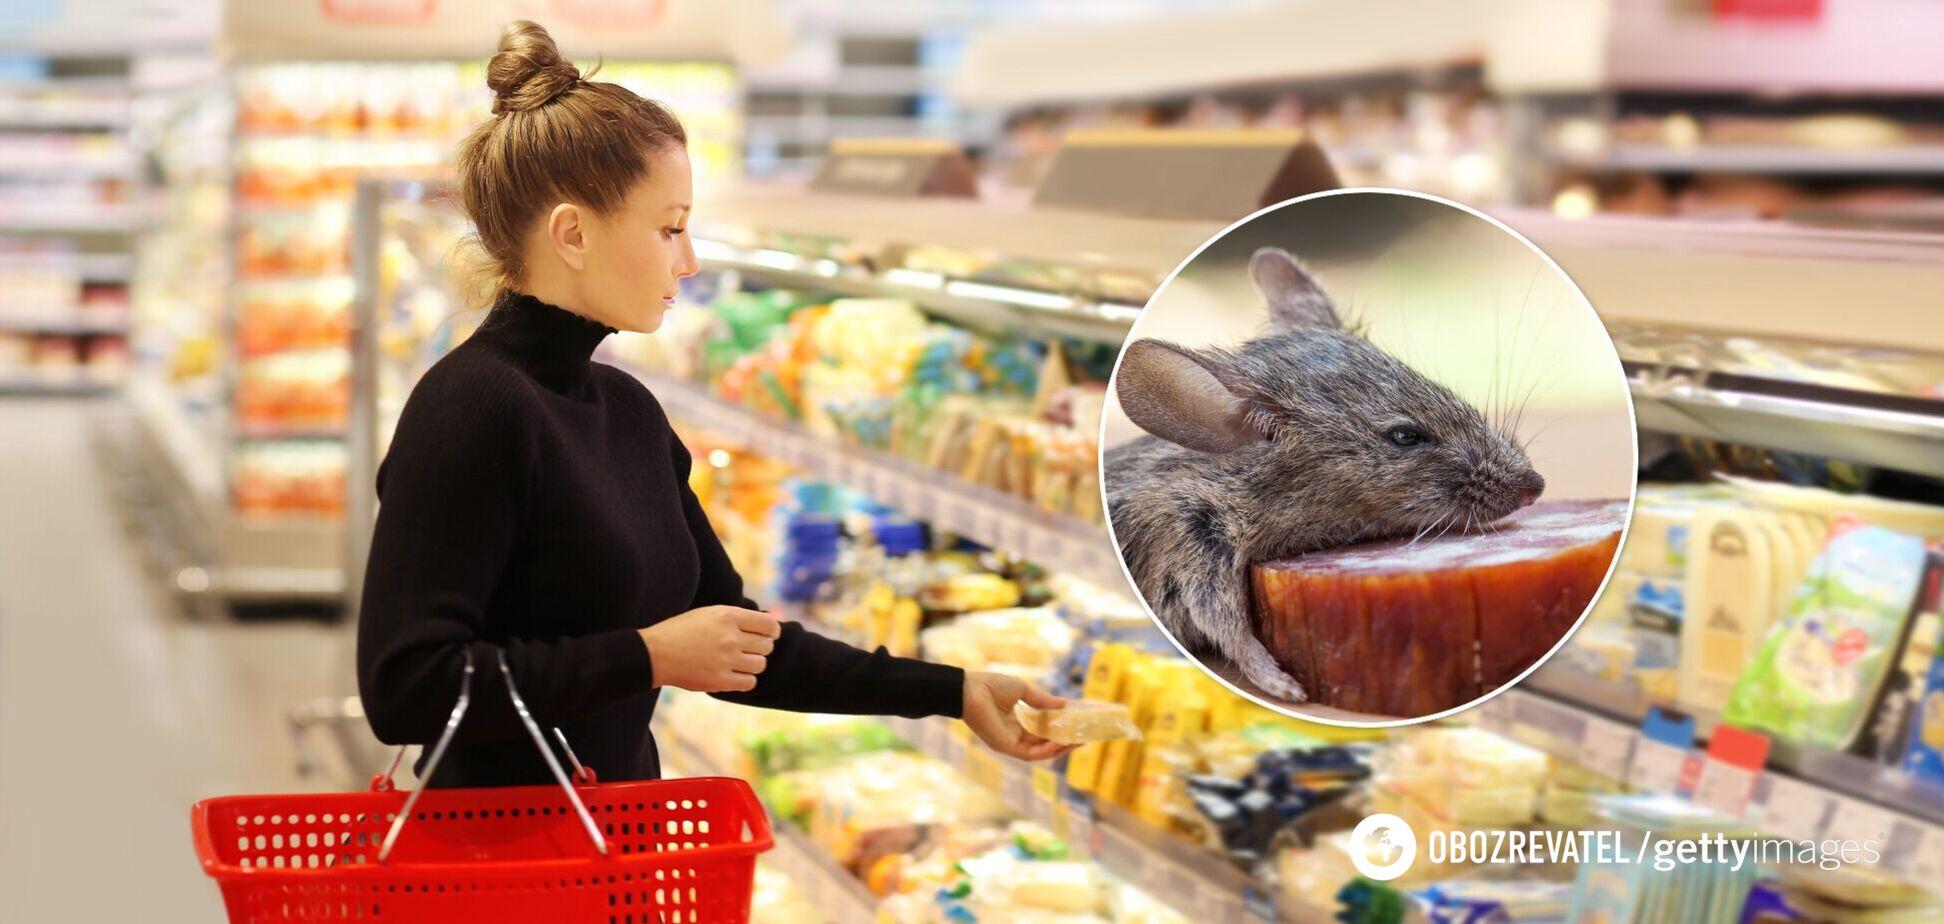 Під Харковом у магазині серед ковбас зняли мишу. Відео